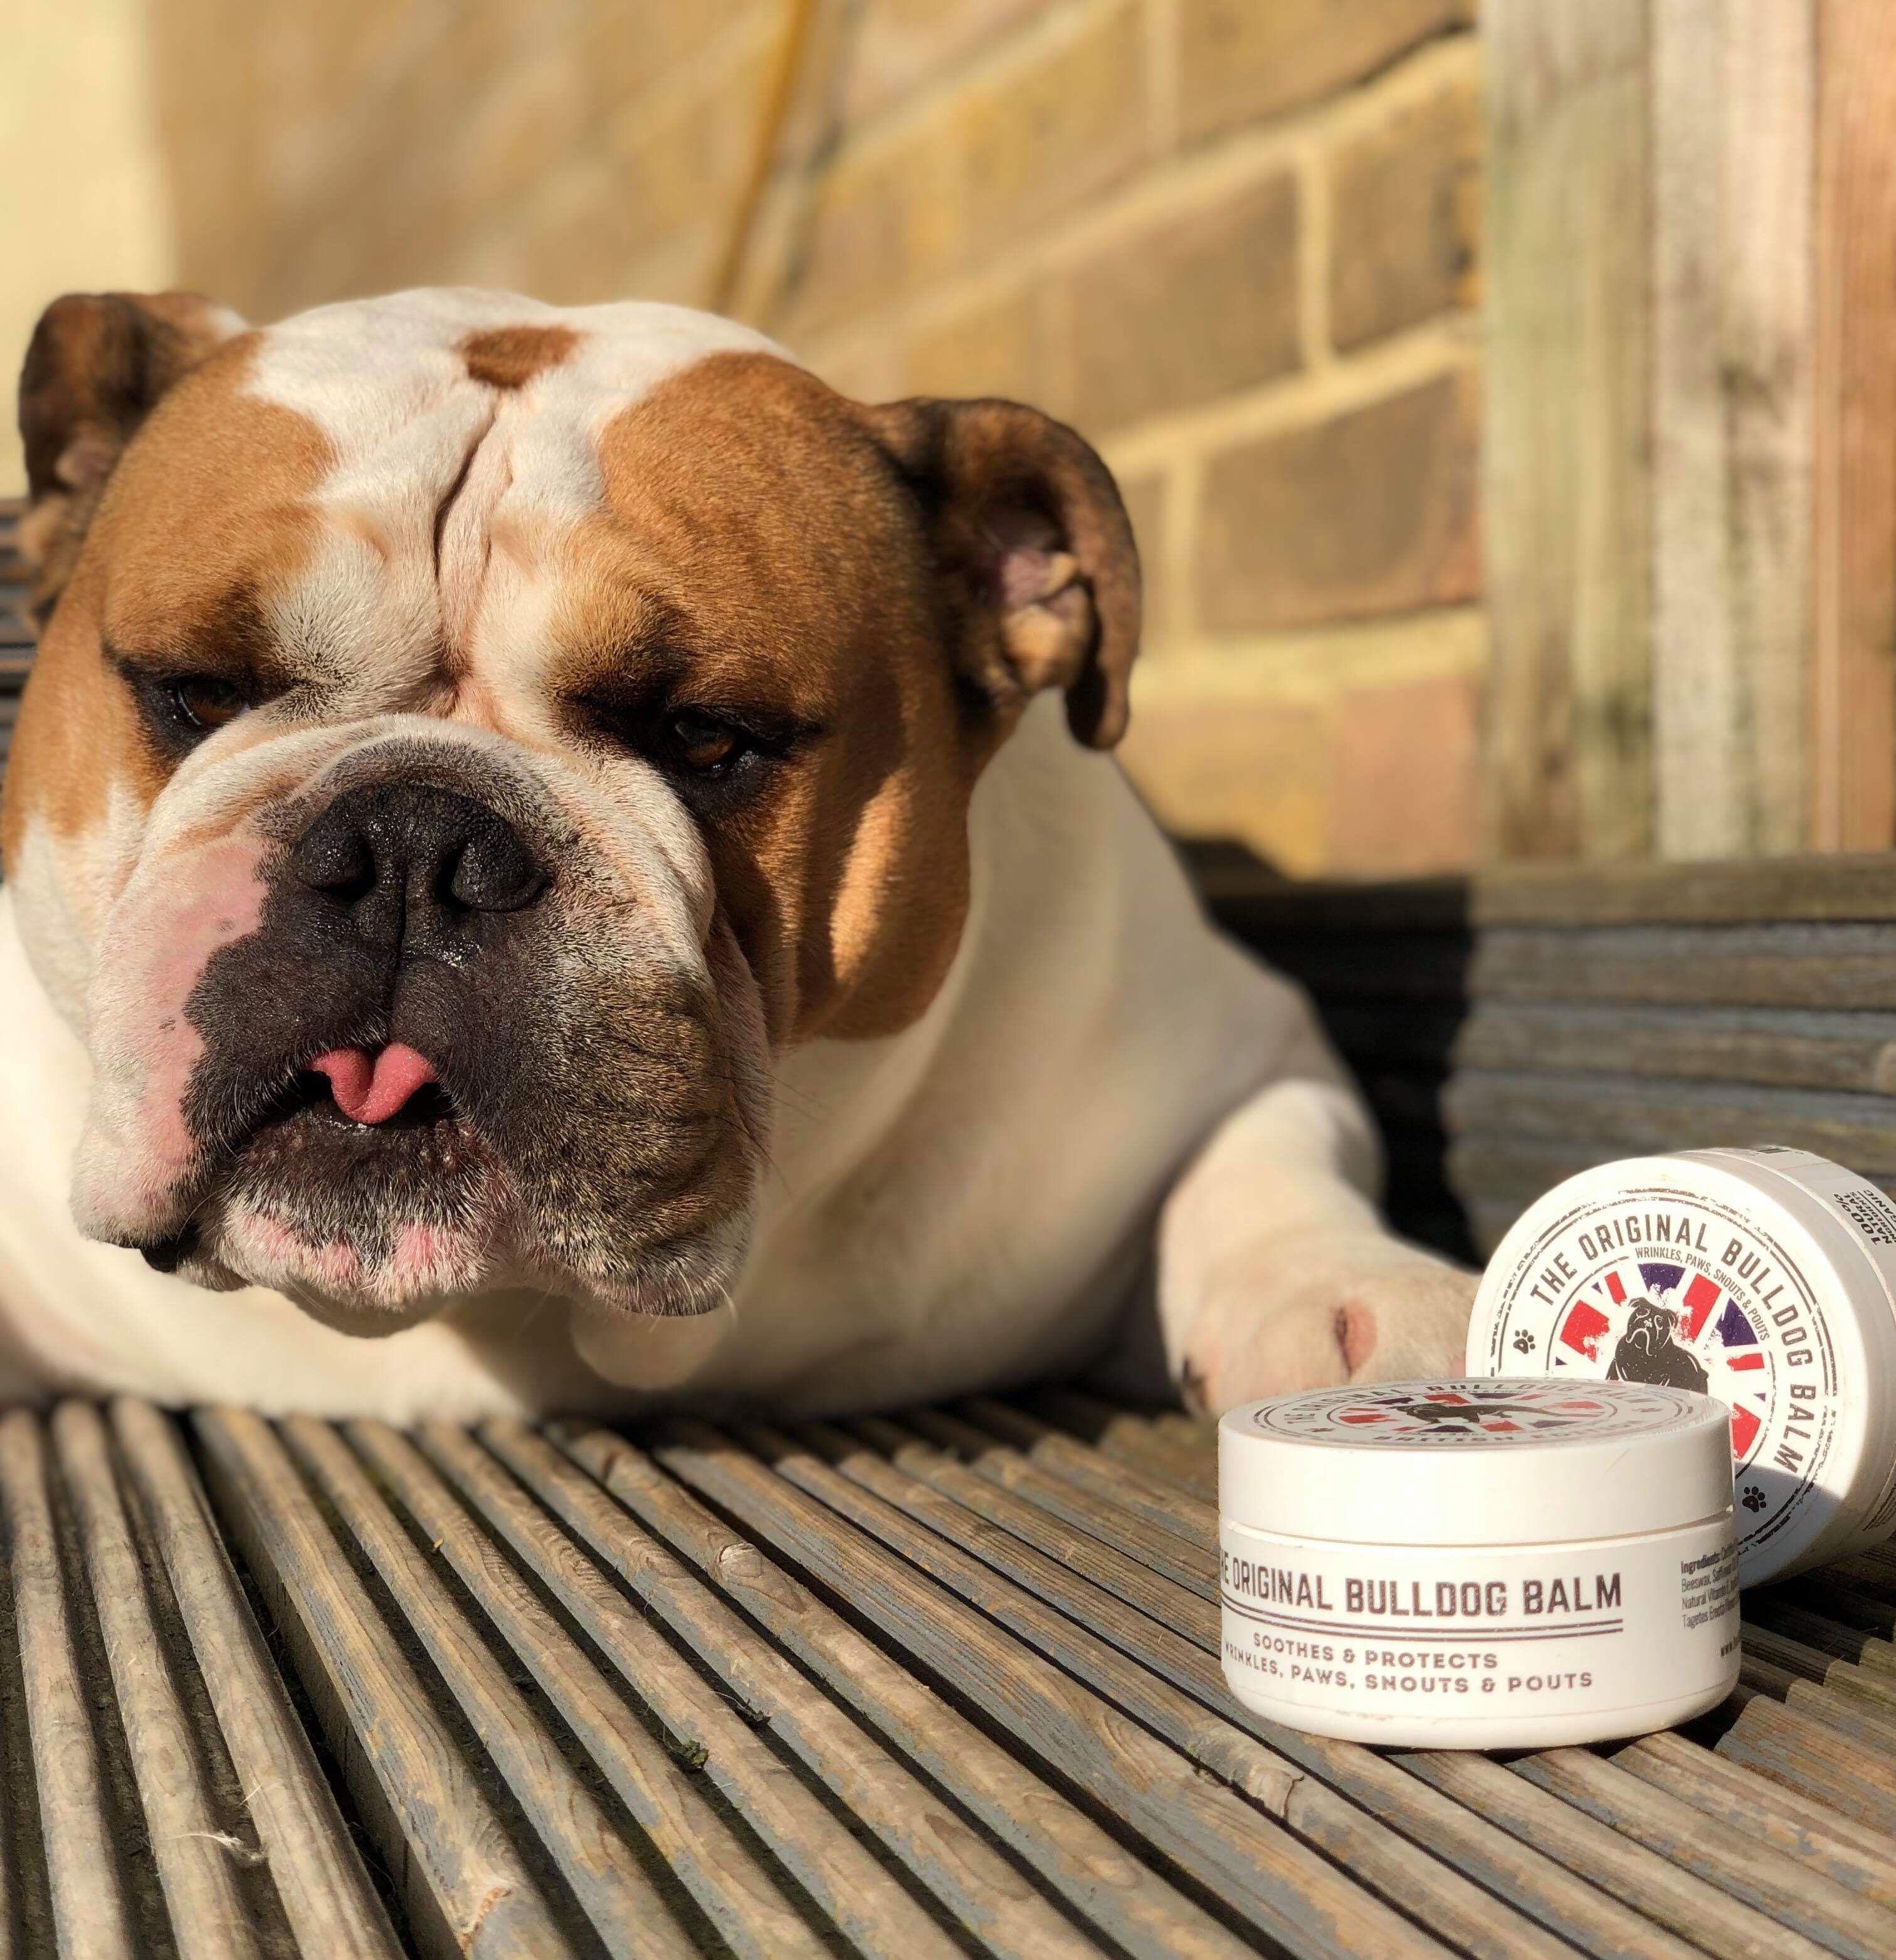 British Edition Dog Nose Balm Bulldog, Dry dog paws